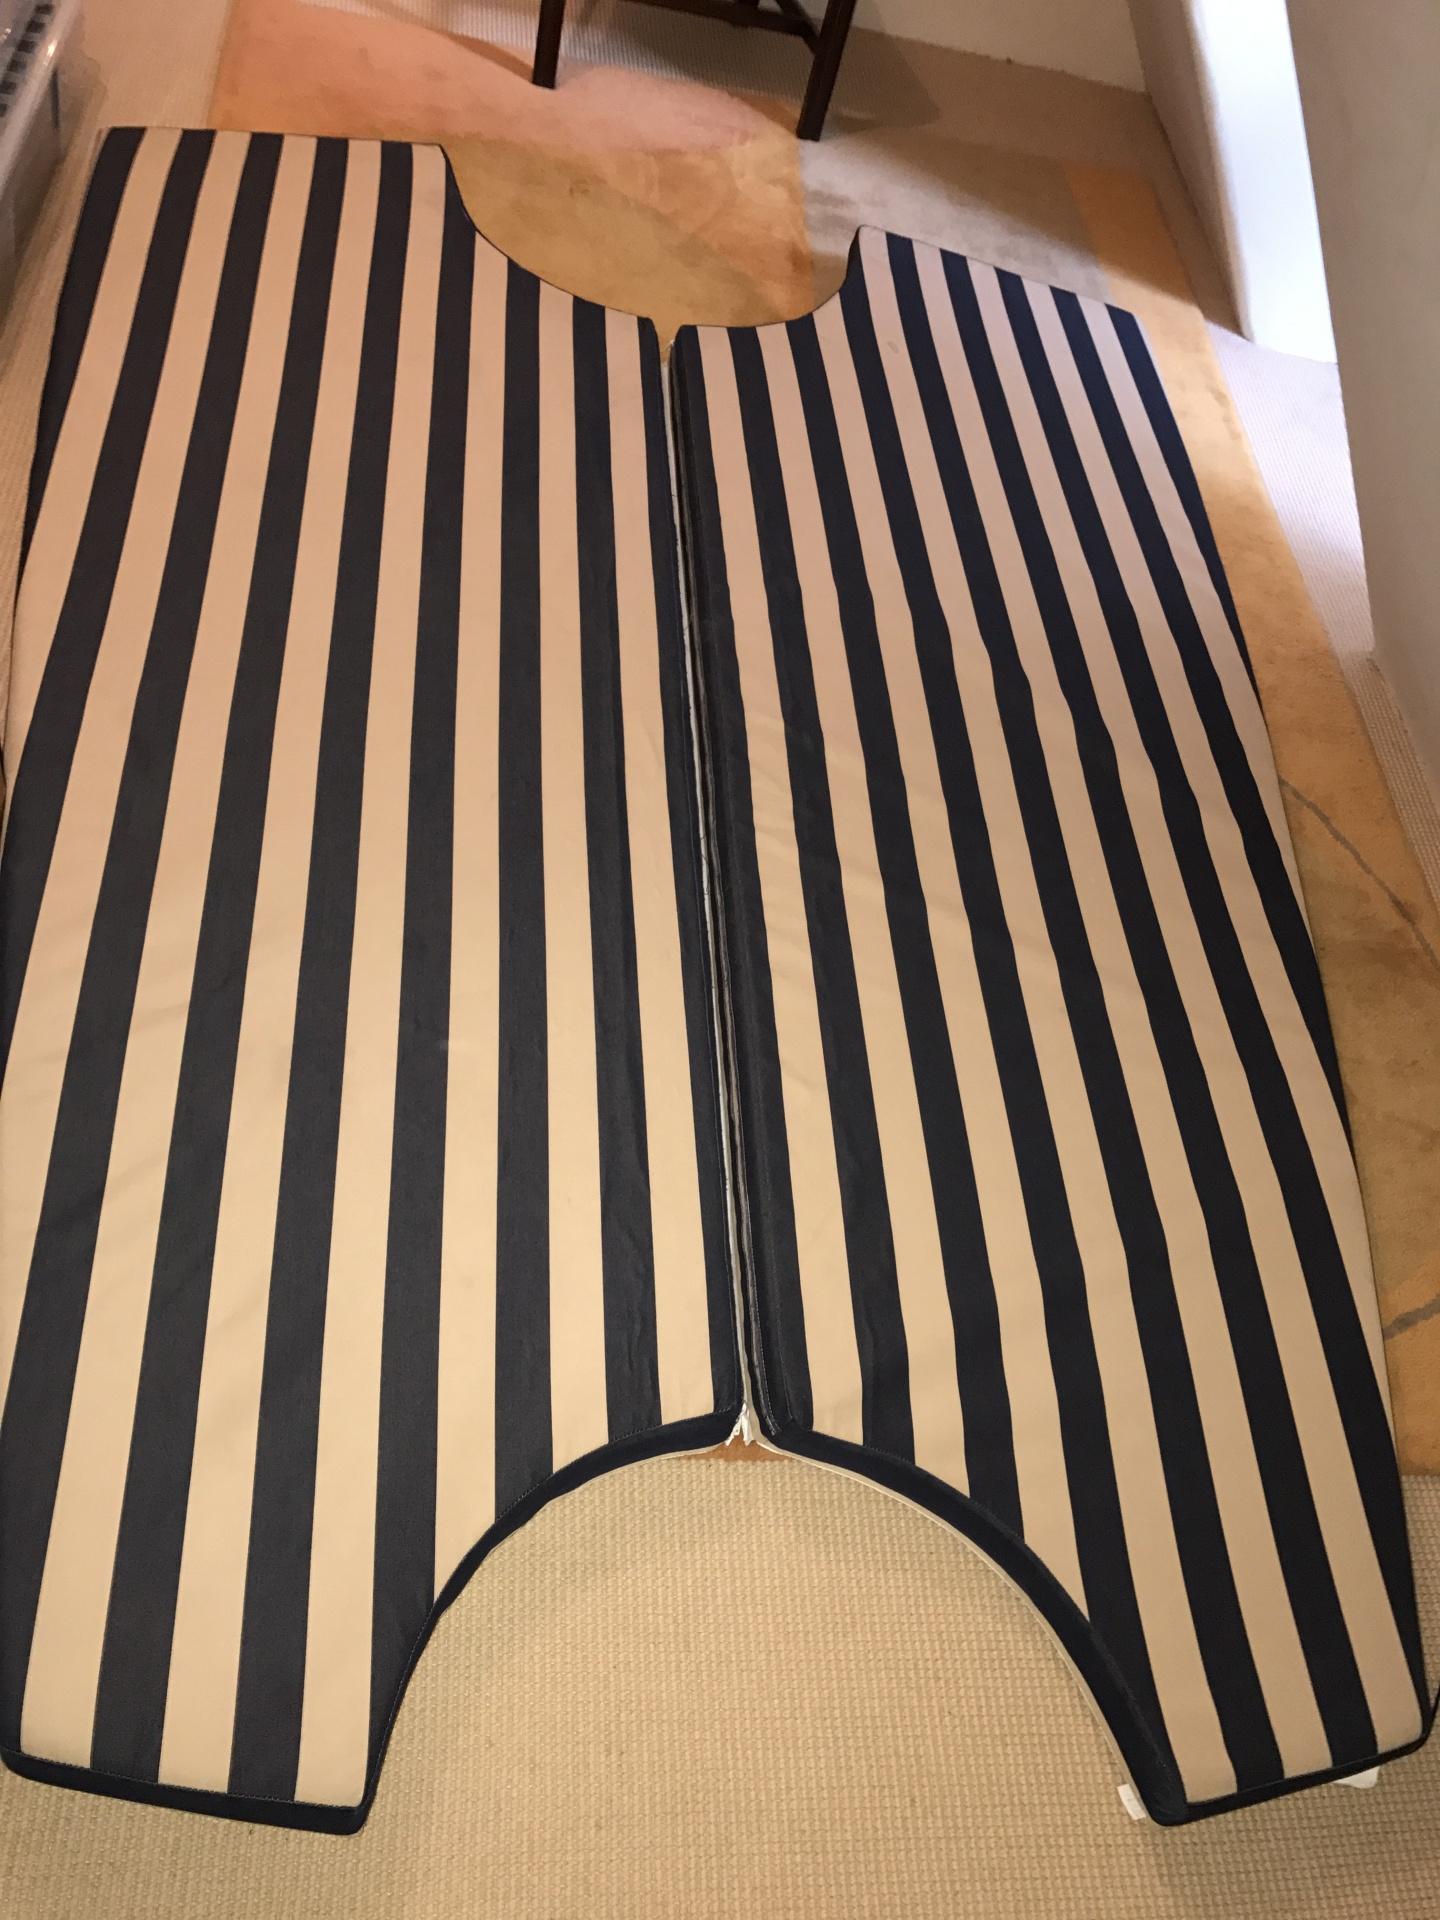 Targa 44 Bow Cushions - £350